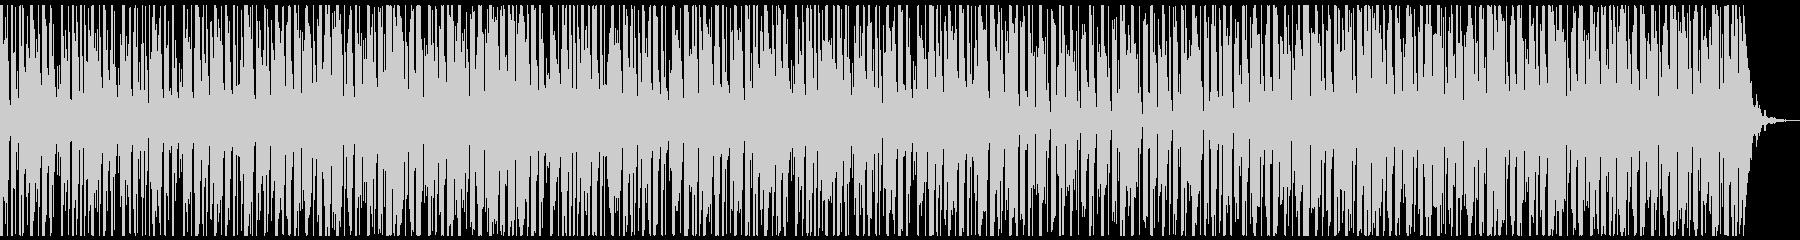 ピアノ、シンセ、ギターのファンキー...の未再生の波形